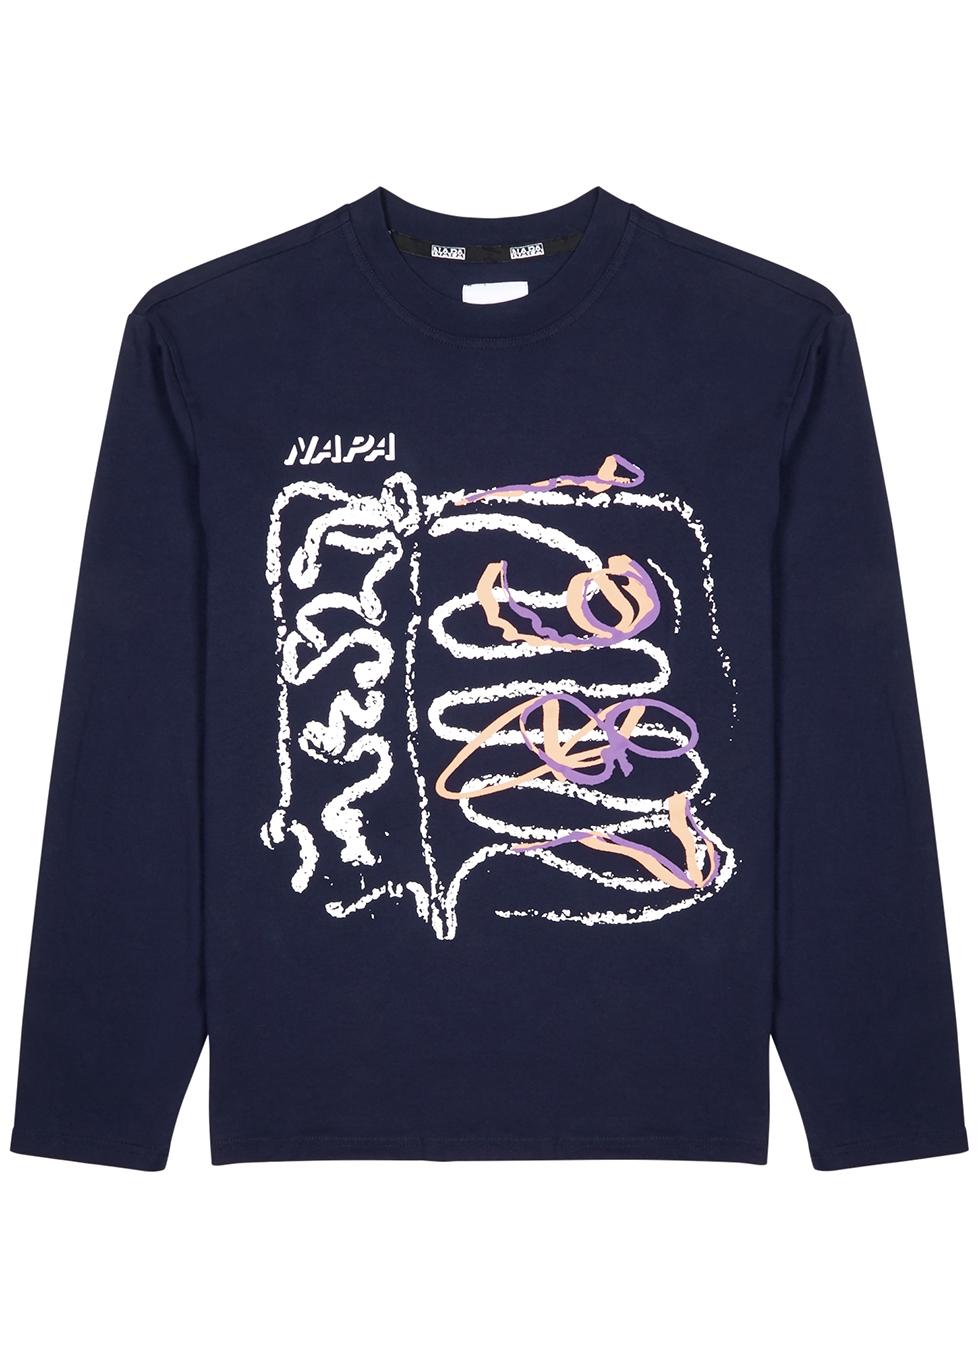 Senales printed cotton T-shirt - Napa by Martine Rose